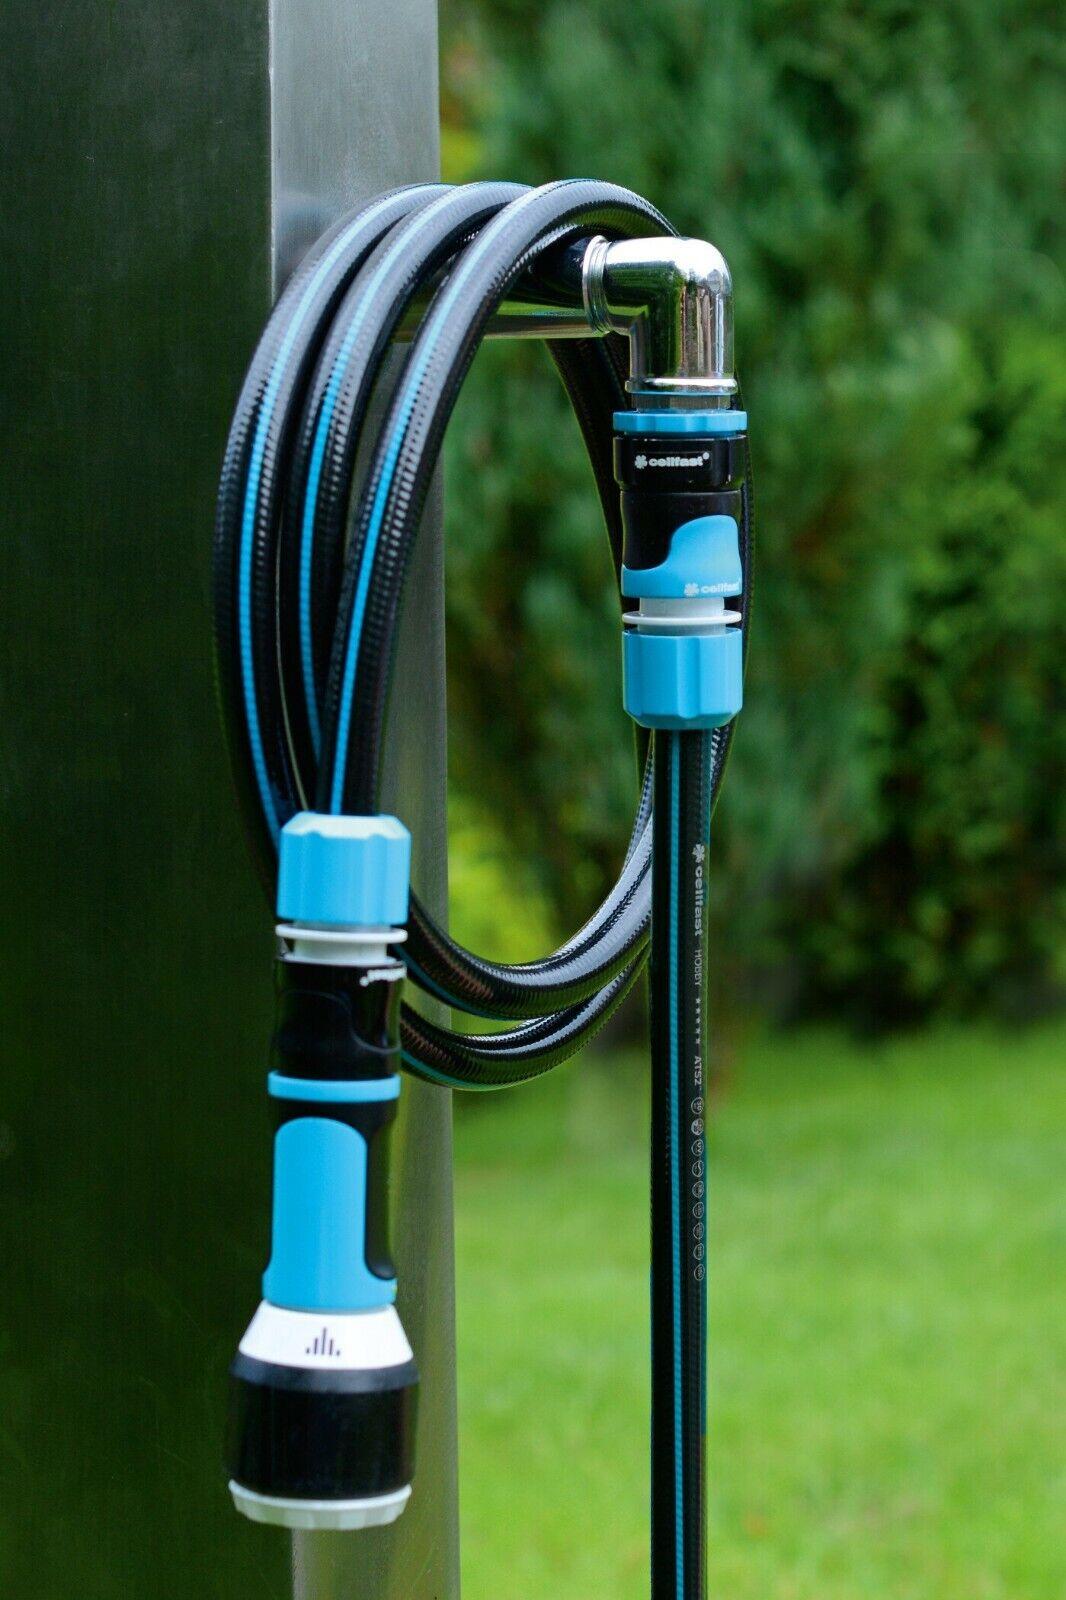 Hose Pipe Set Garden Water Accessories 20 m 1/2